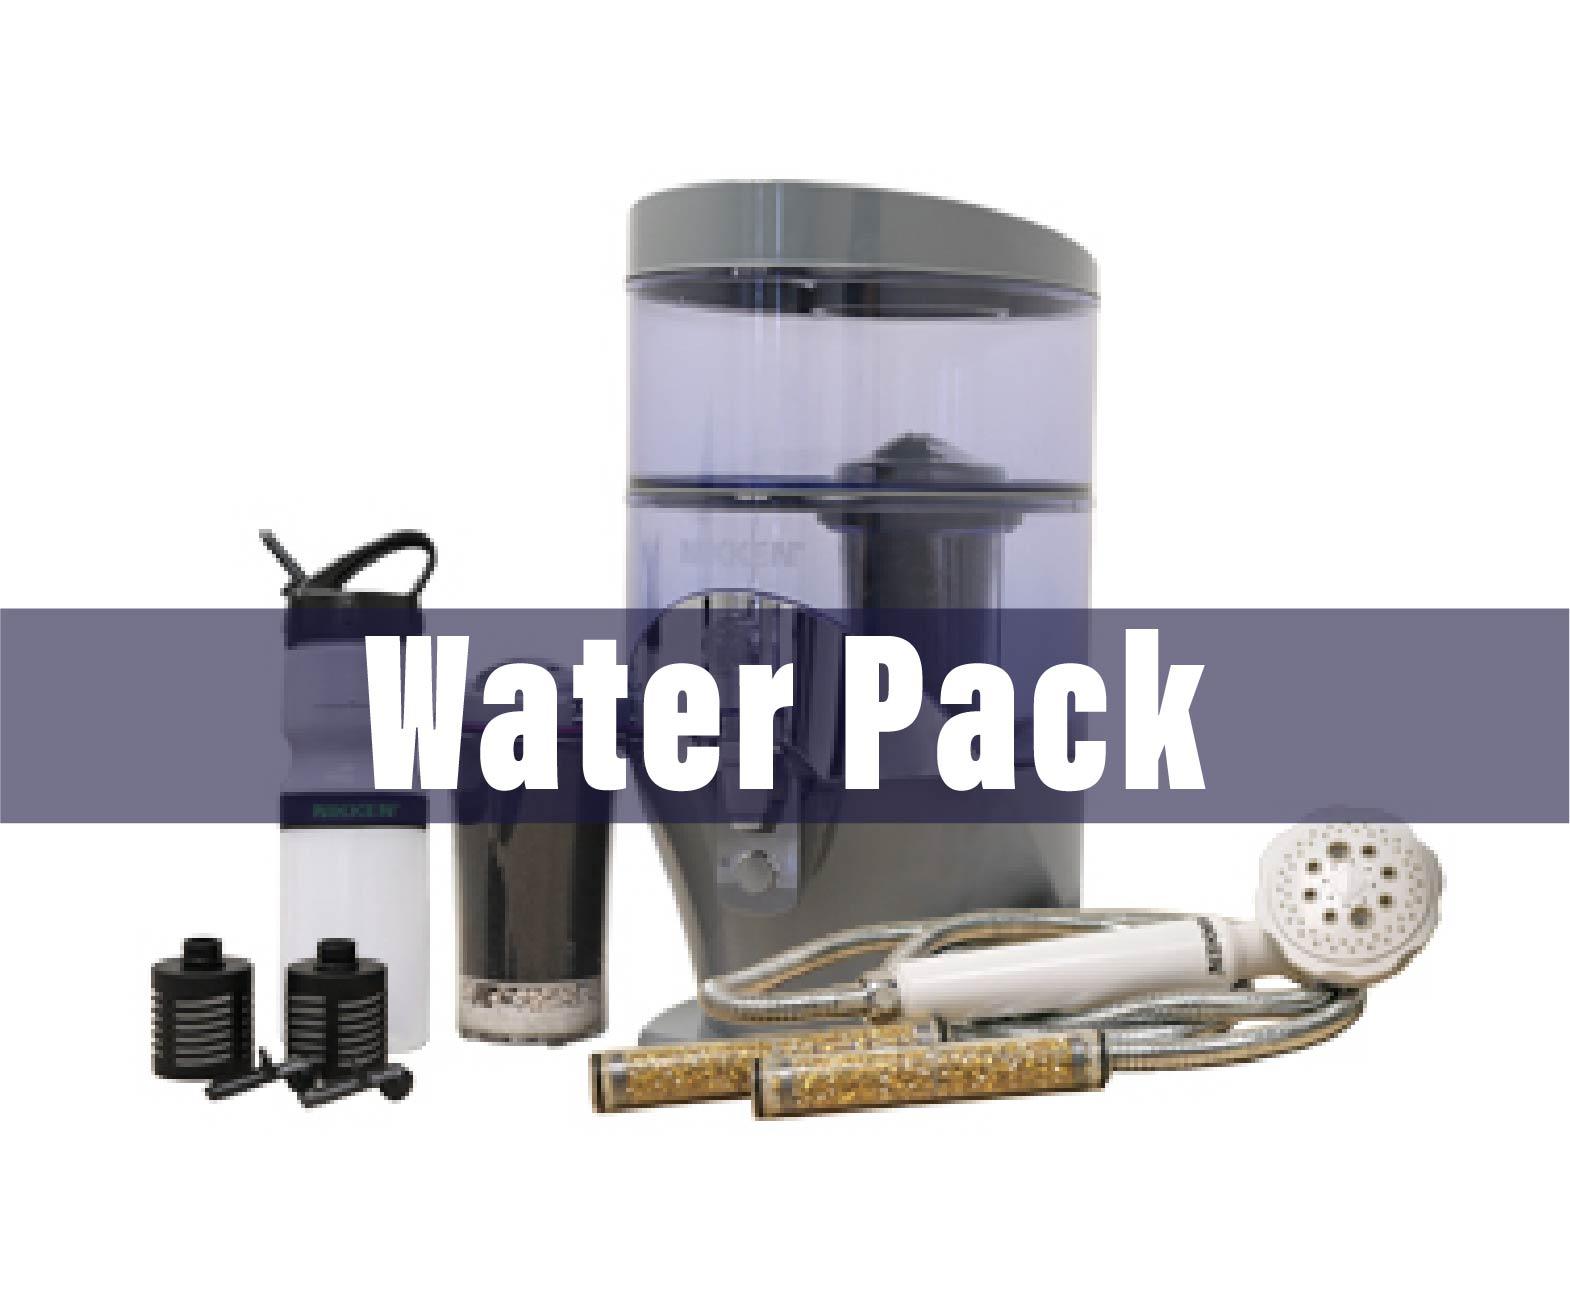 WaterPack_small_Pack2.jpg